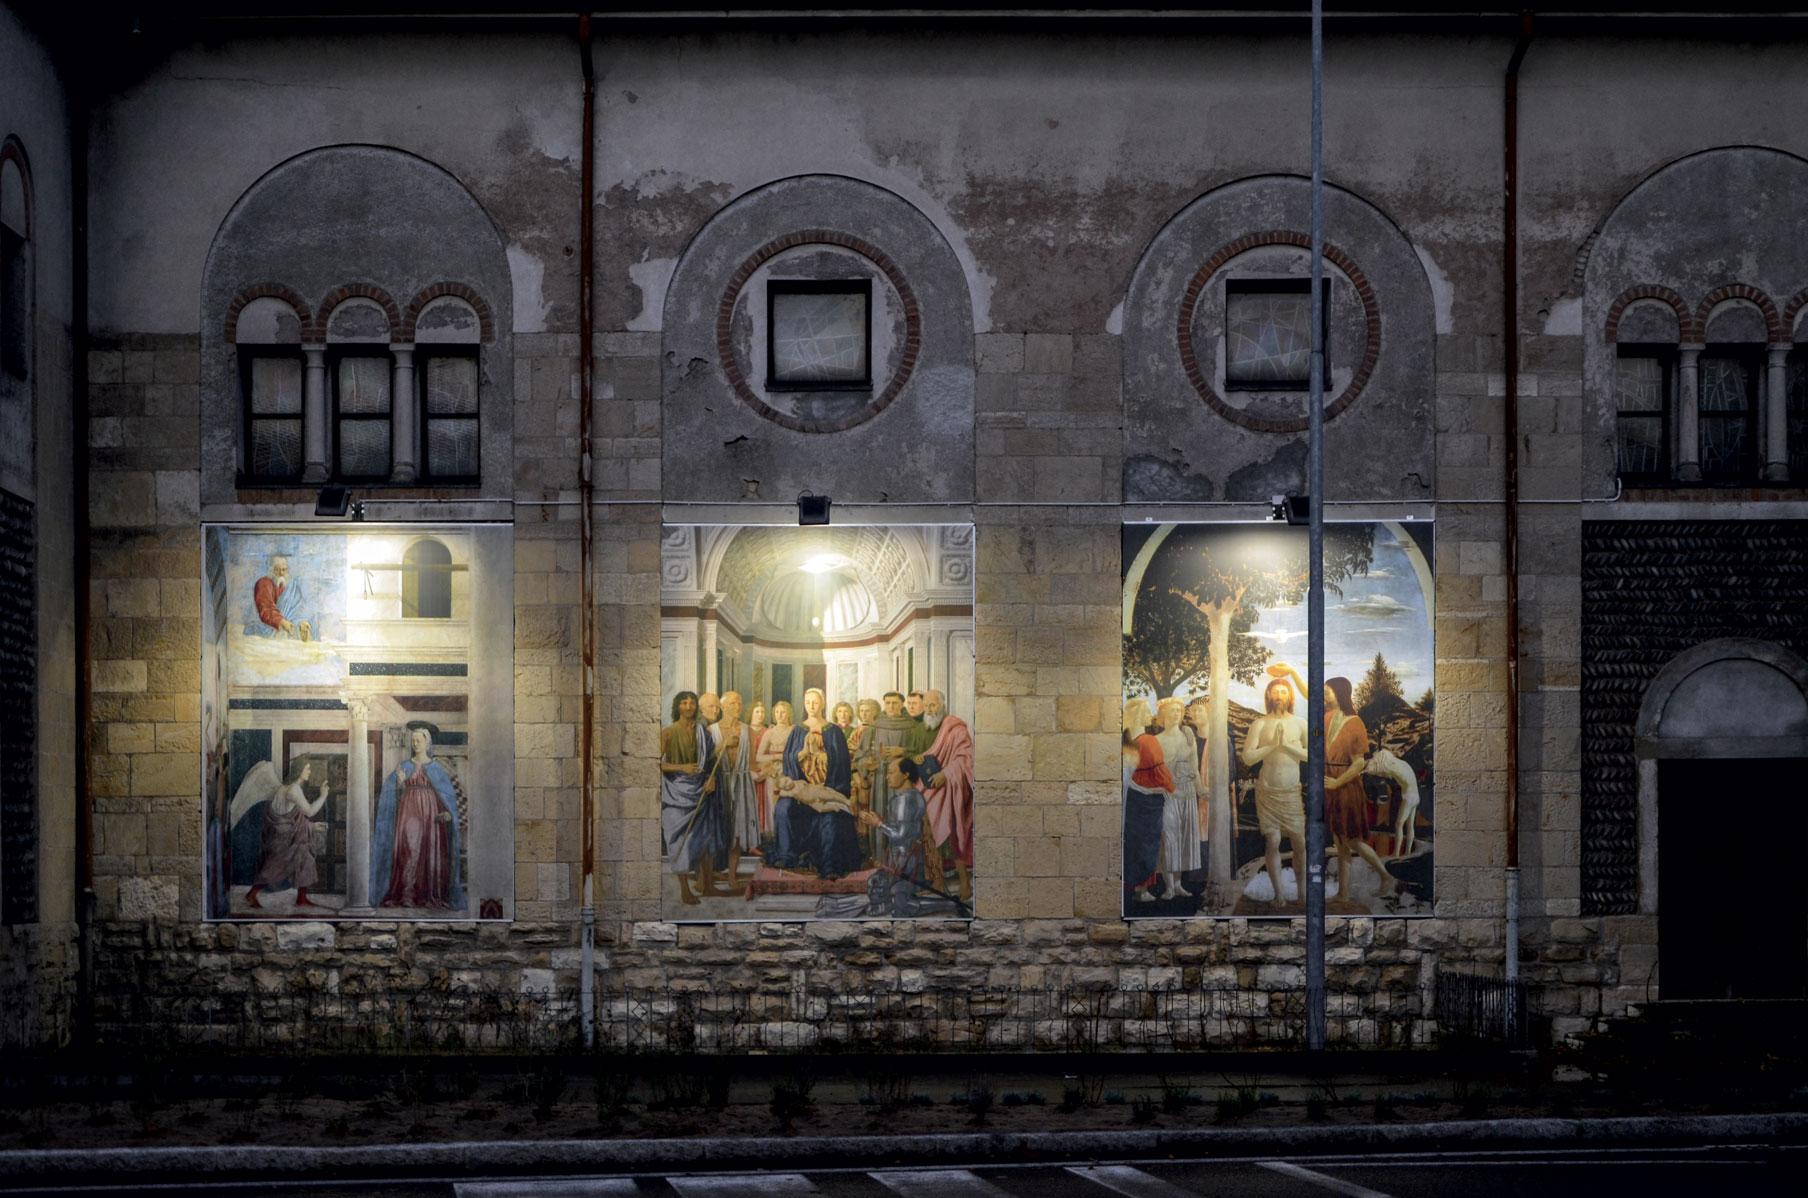 Veduta notturna della chiesa con l'installazione Vaerini